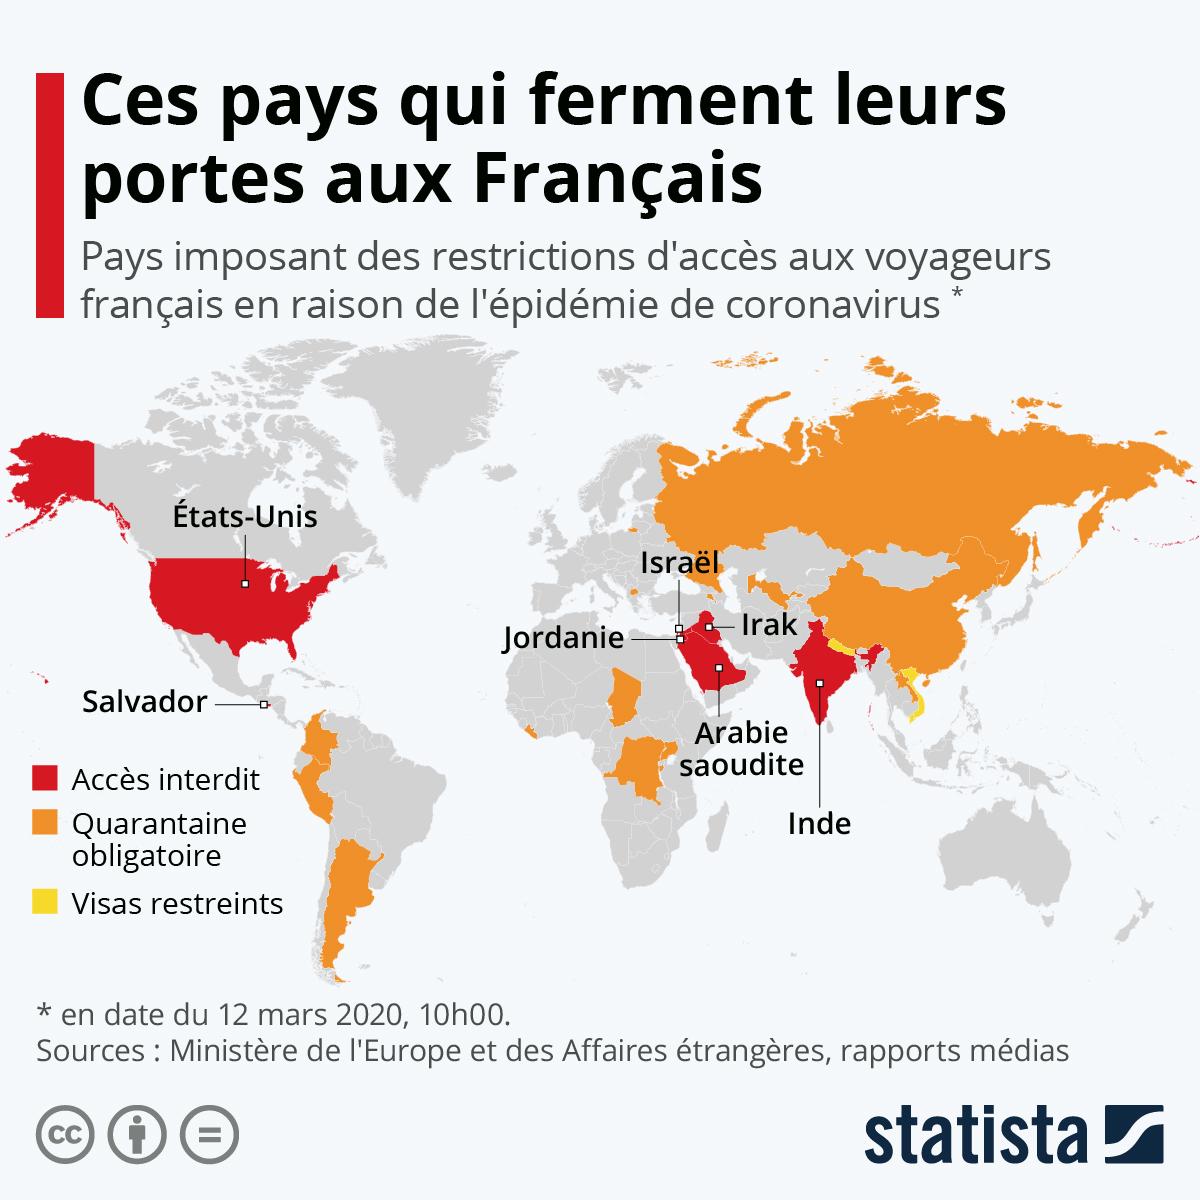 Carte des pays fermant leurs frontières aux Français pour lutter contre le coronavirus Covid-19